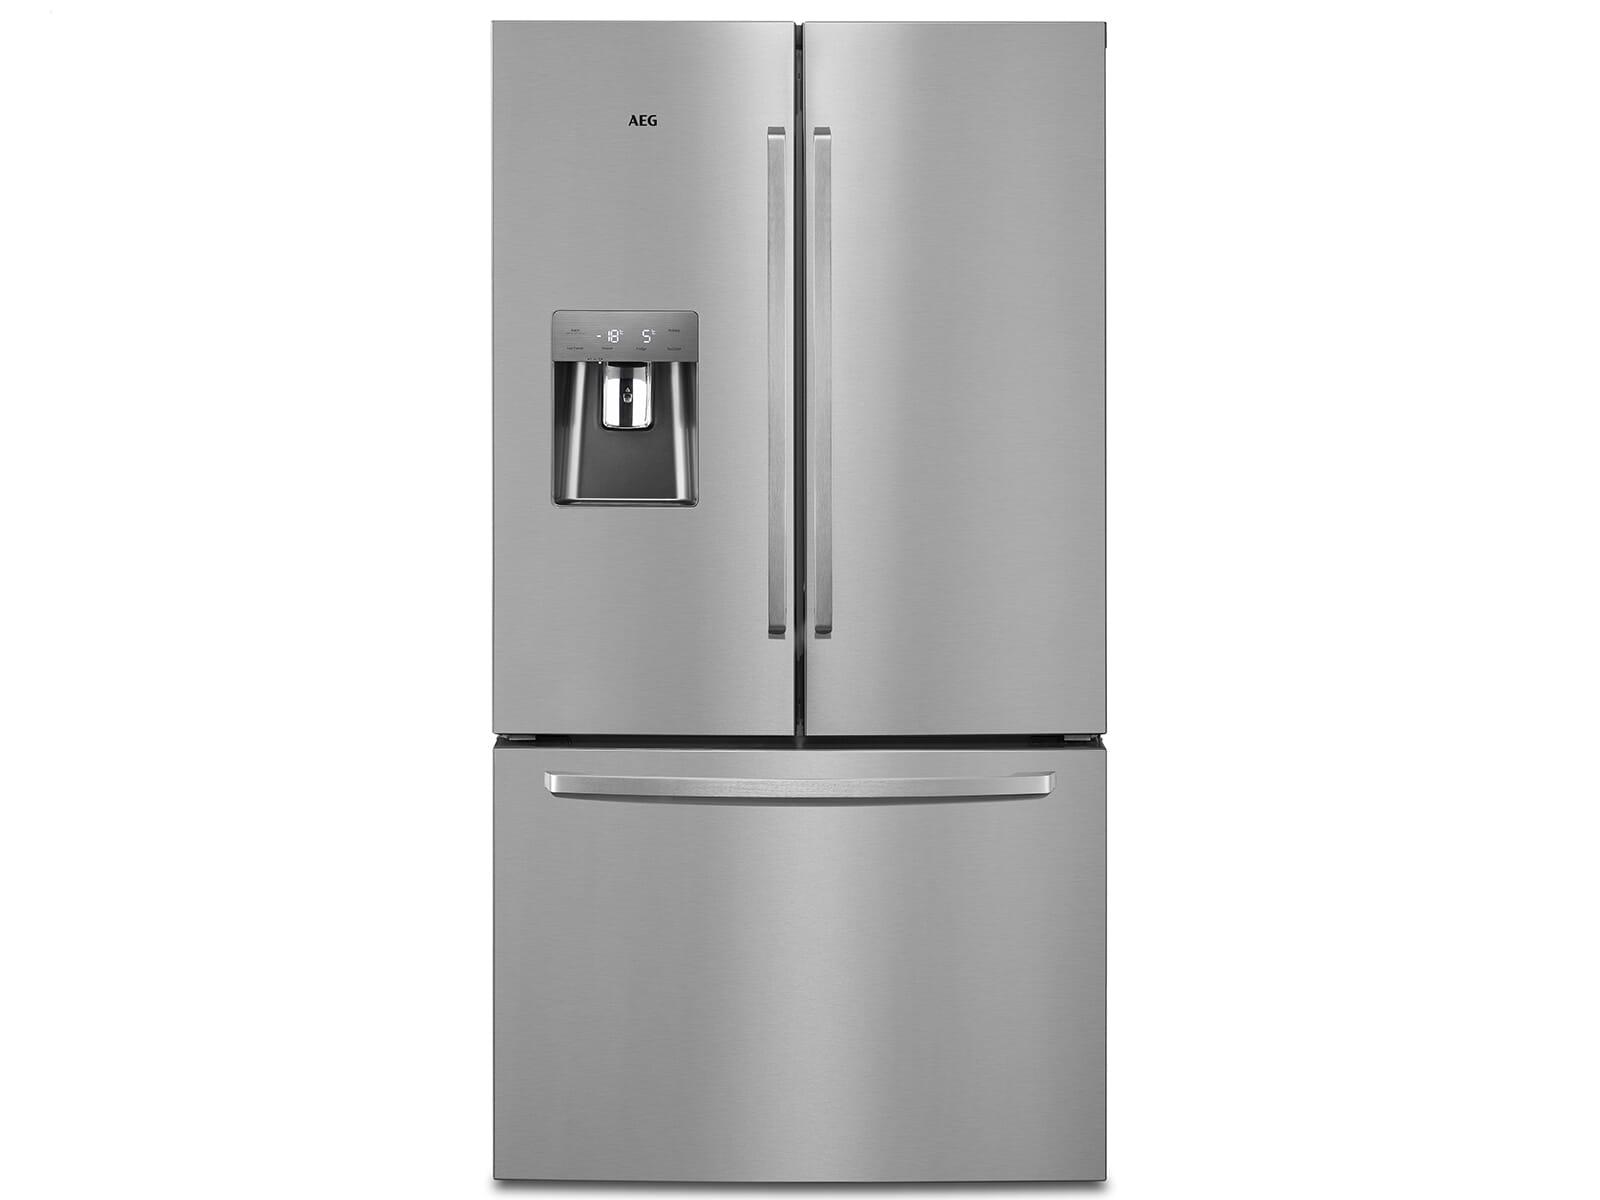 Aeg Kühlschränke Ohne Gefrierfach : Aeg rmb nx french door kühl gefrierkombination edelstahl